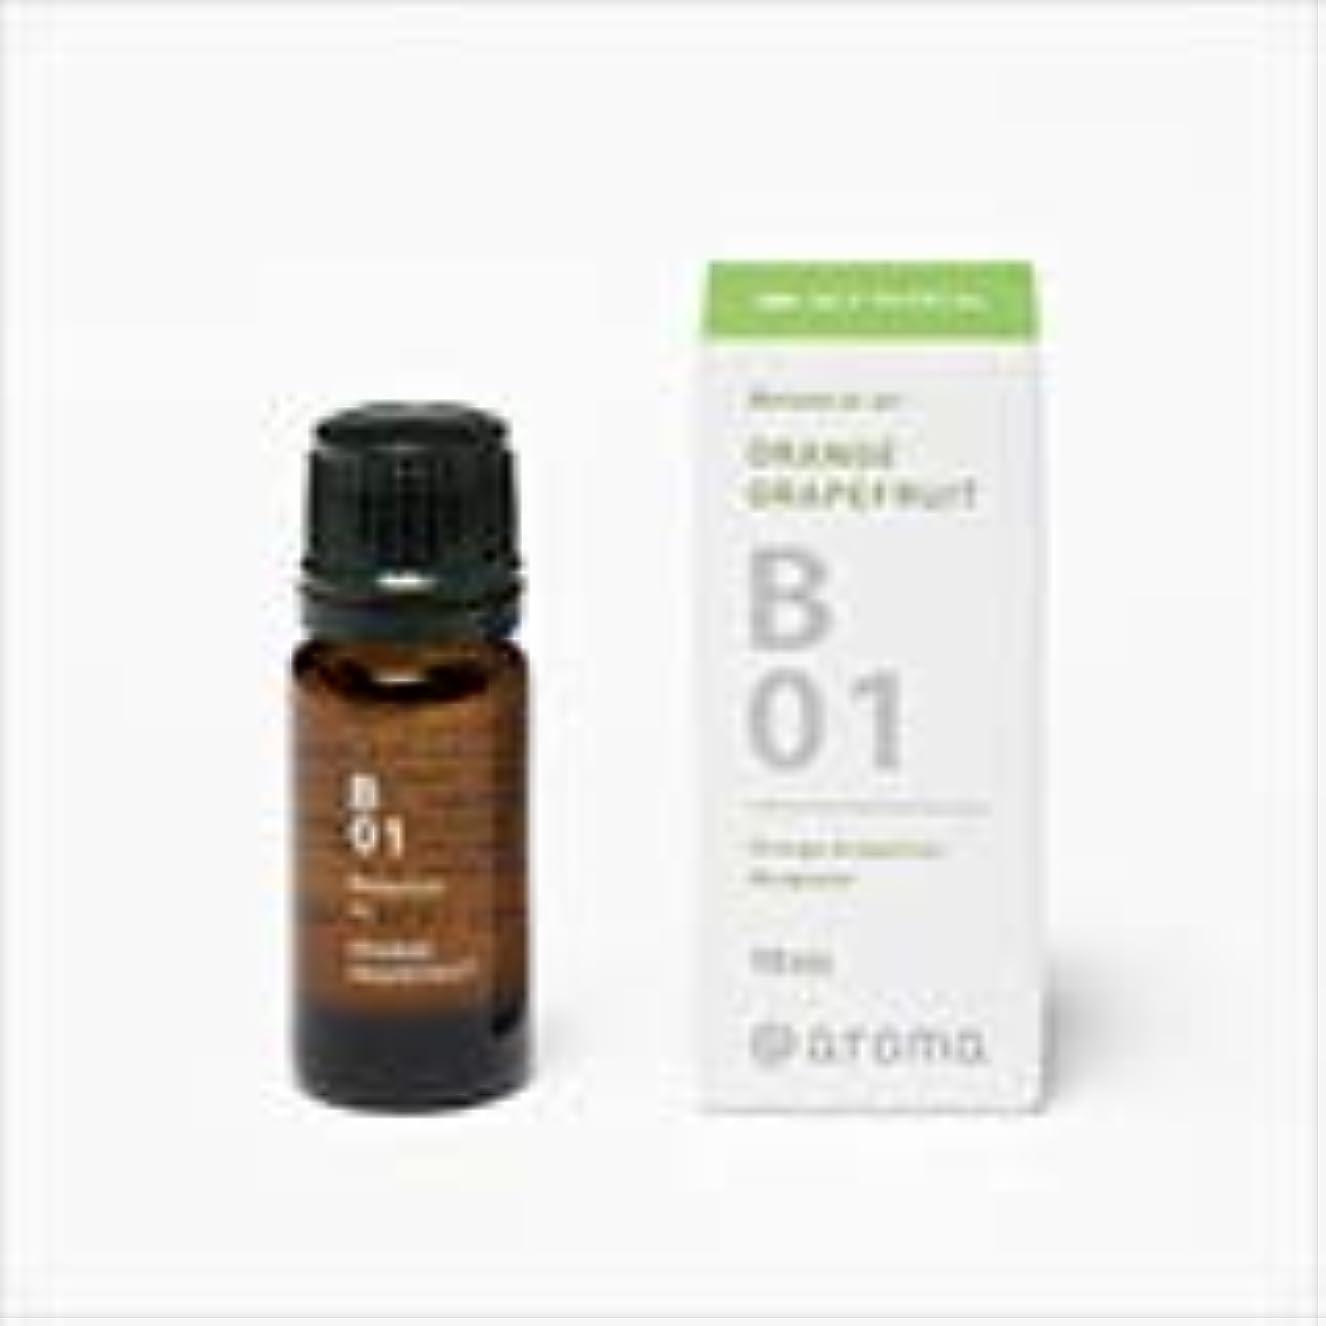 飛ぶ心理的それからアットアロマ 100%pure essential oil <Botanical air ラベンダーミント>